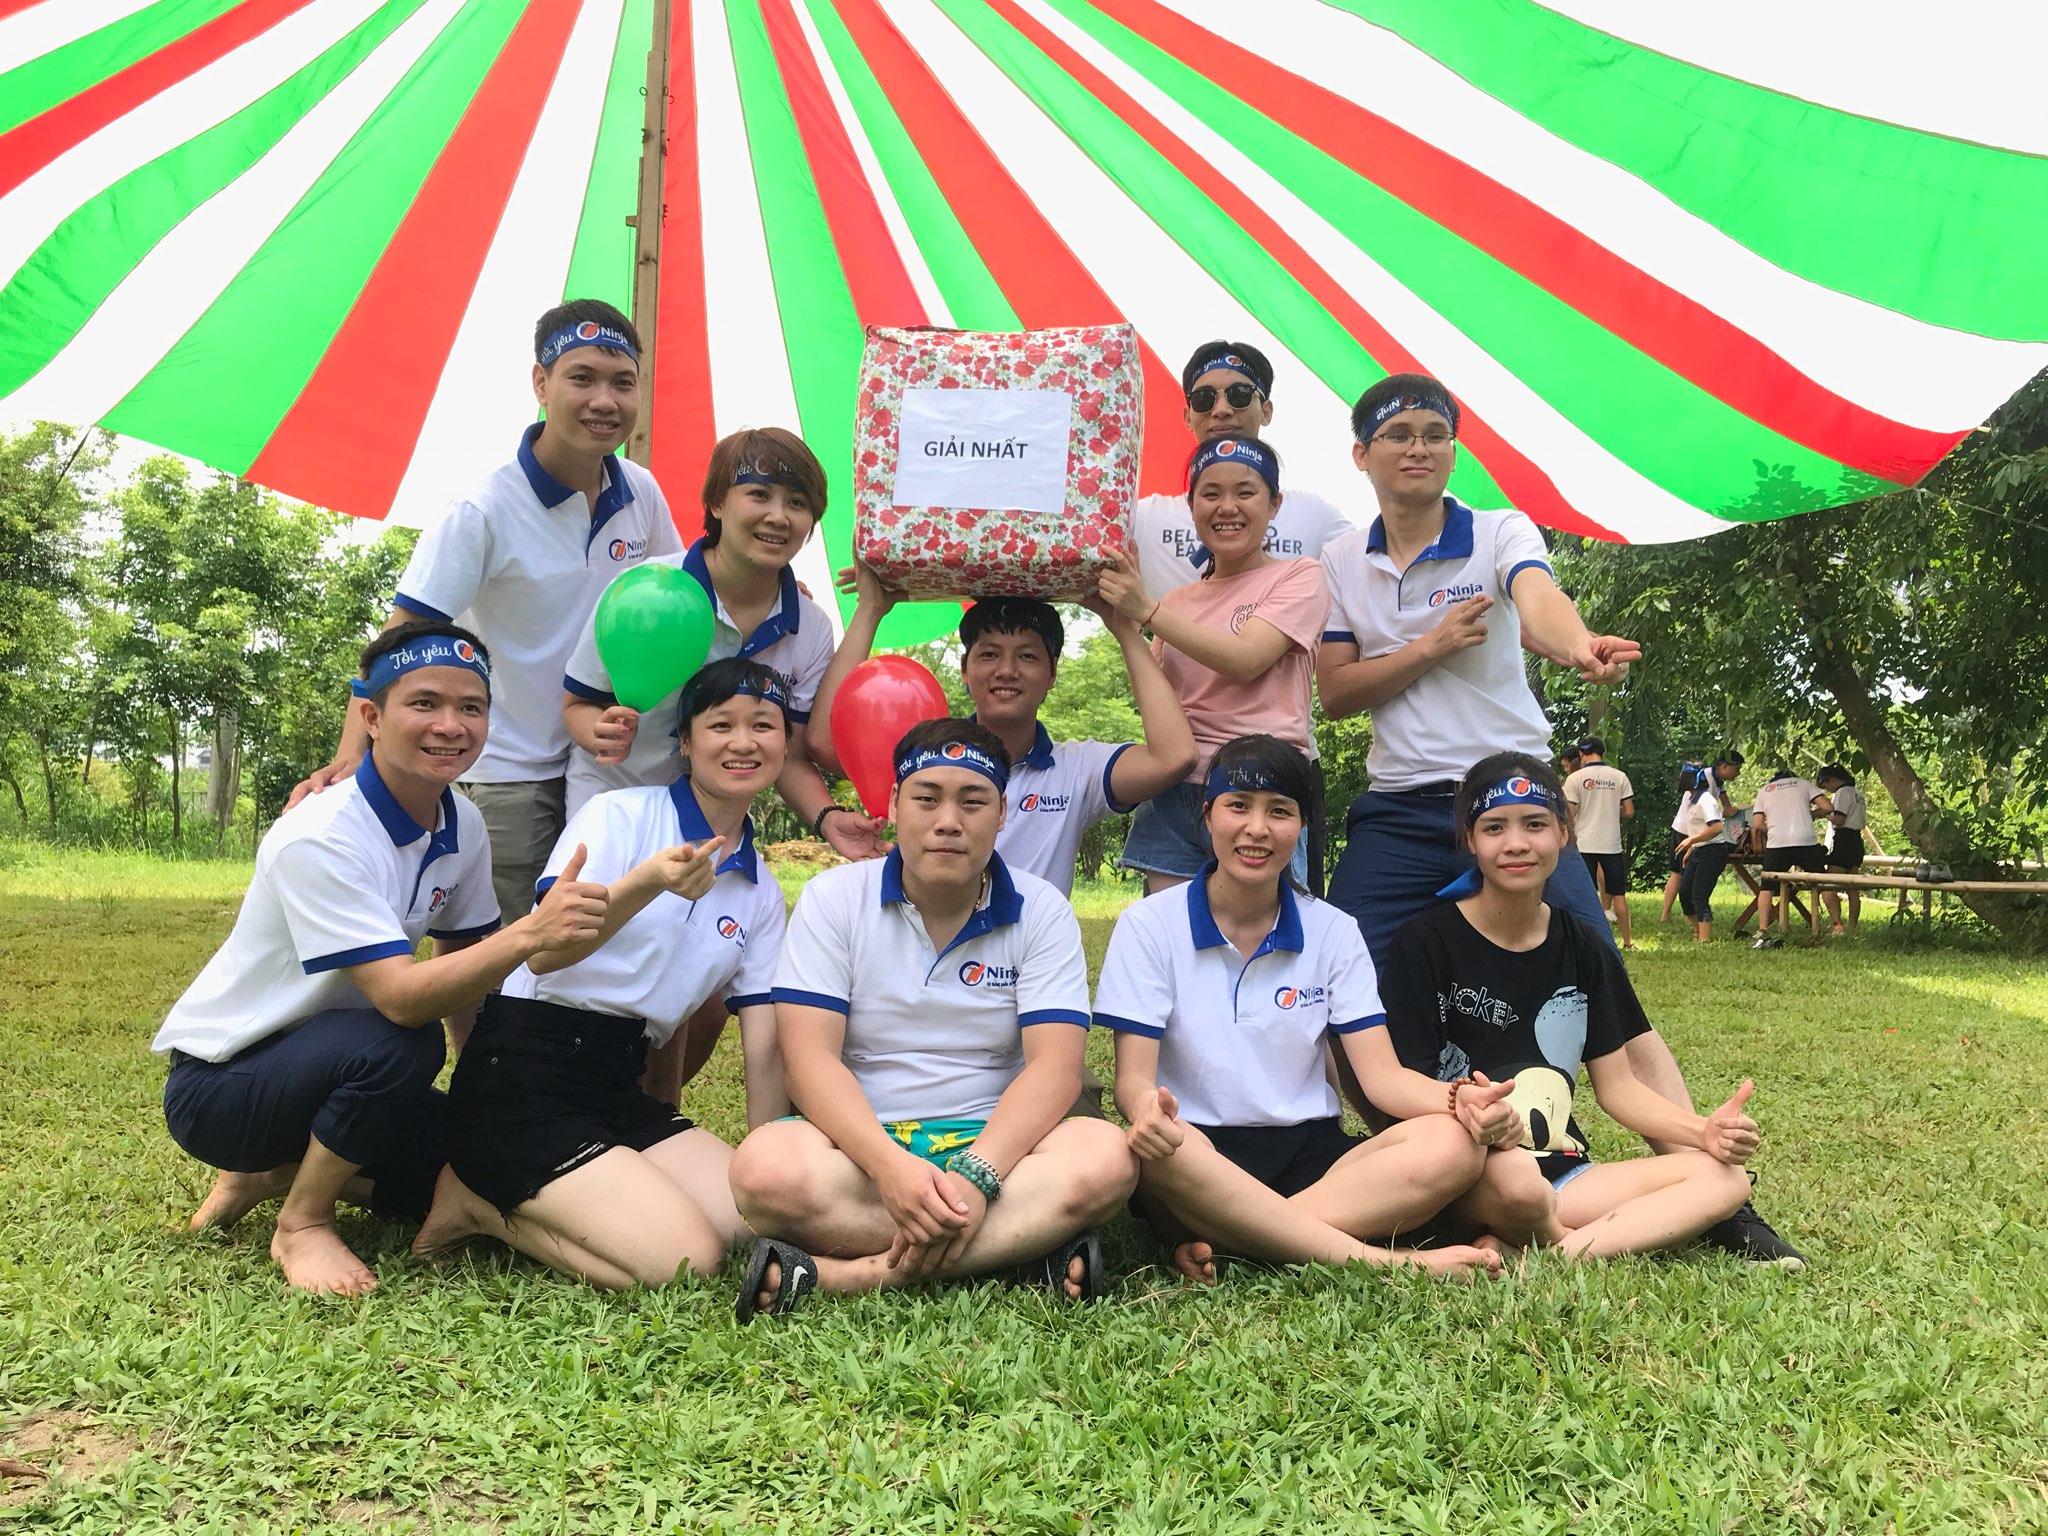 teambuilding8 Teambuilding Hành Trình Gắn Kết Anh Em Ninja 2019